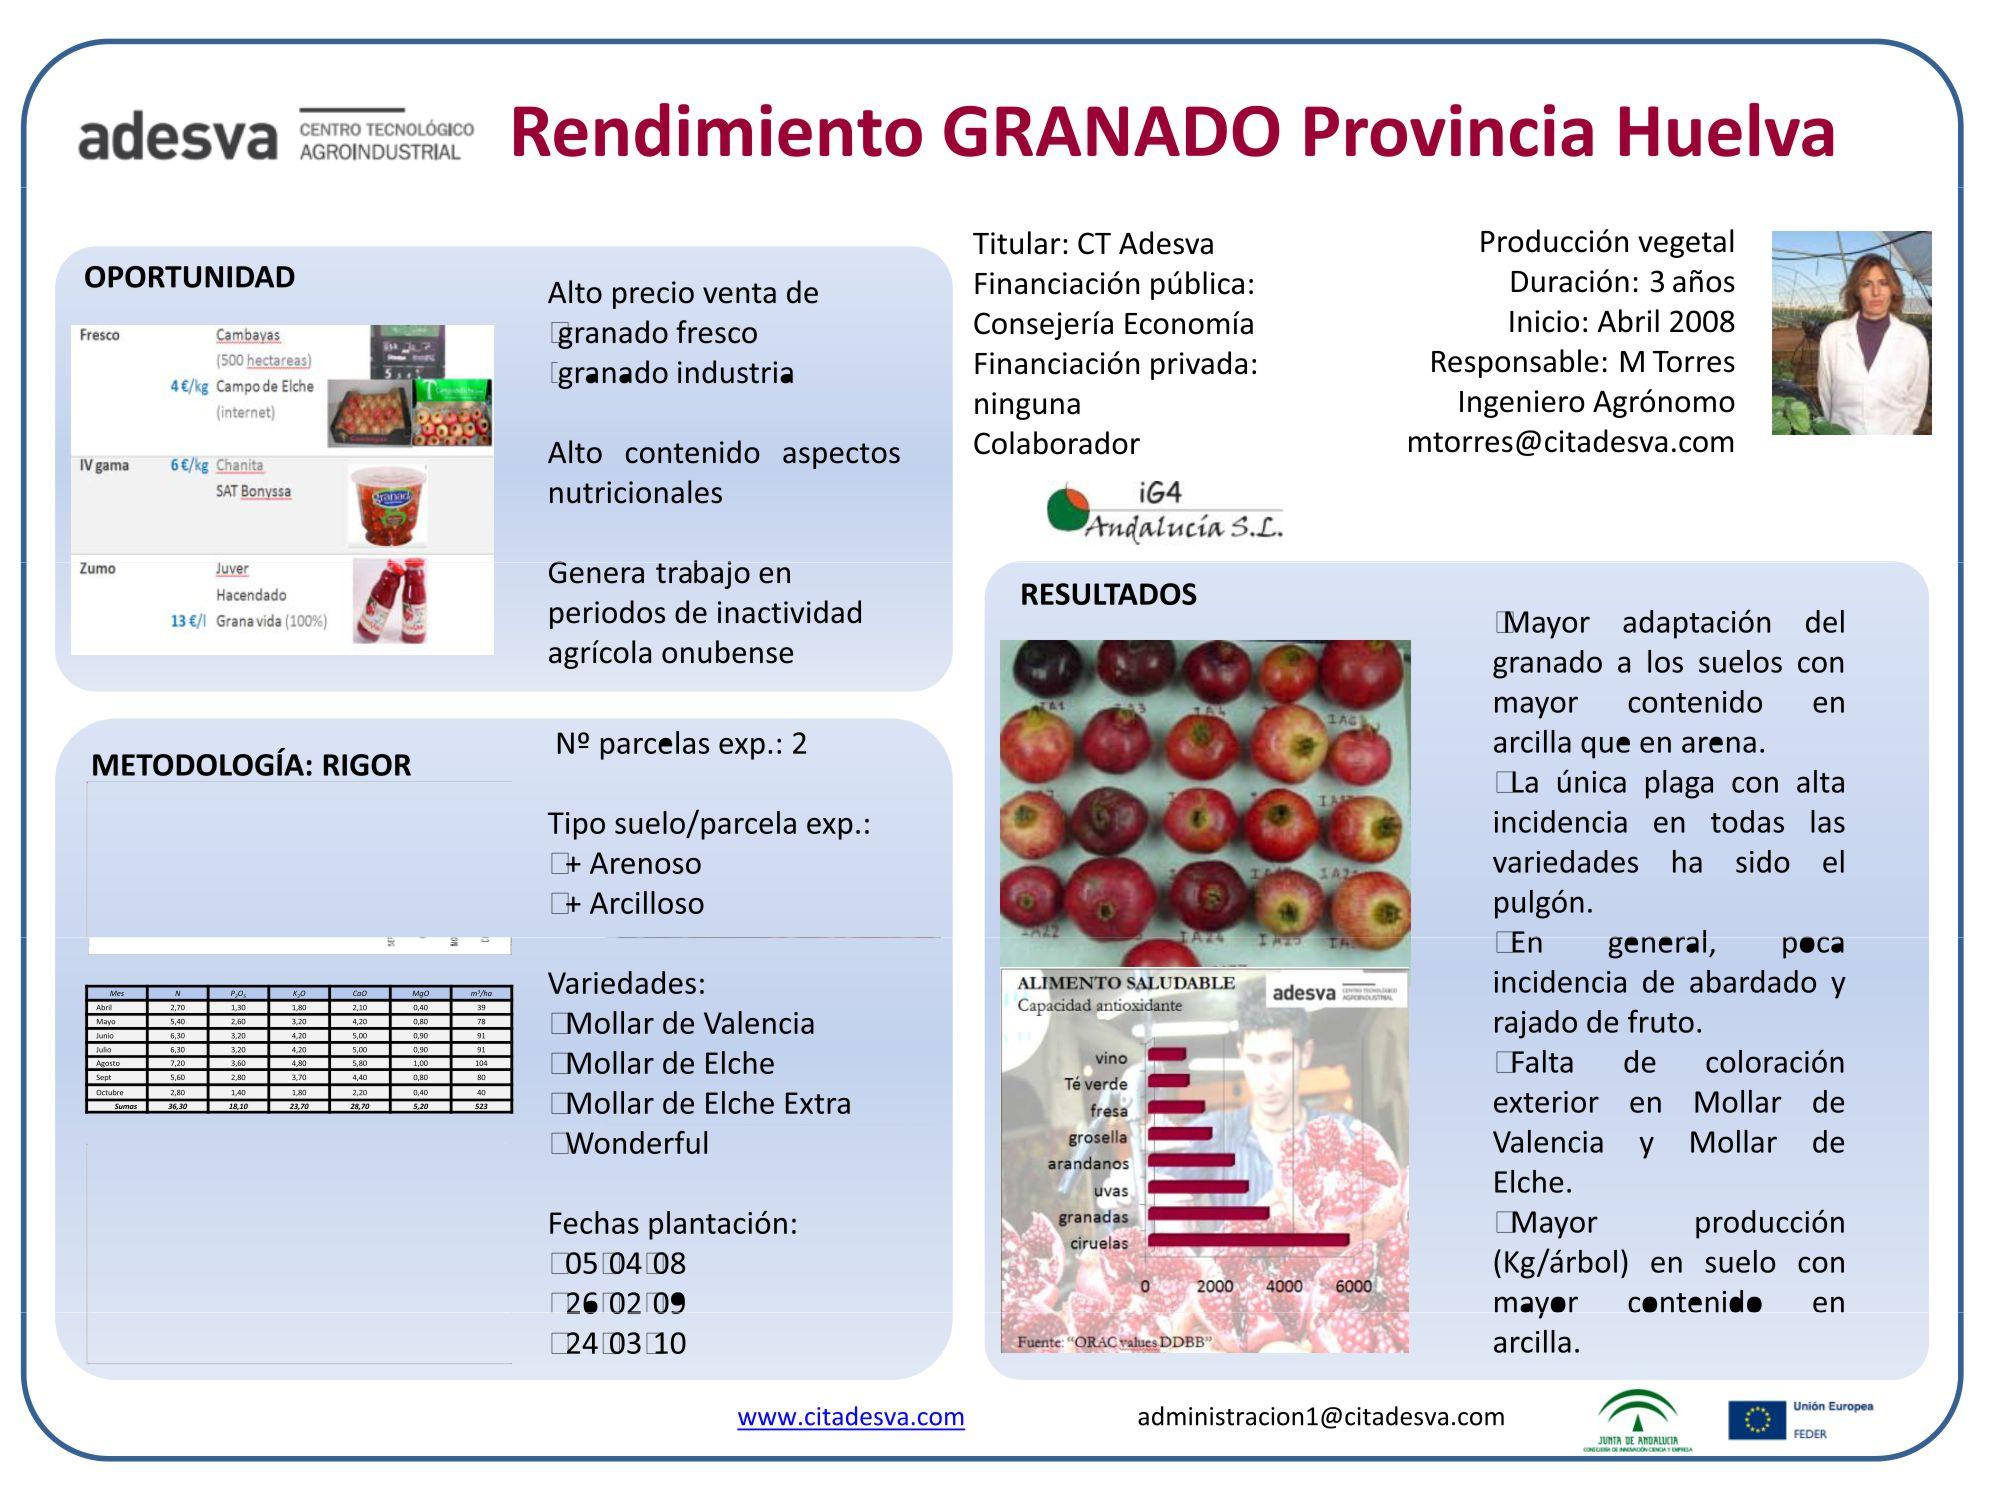 viavilidad_granado